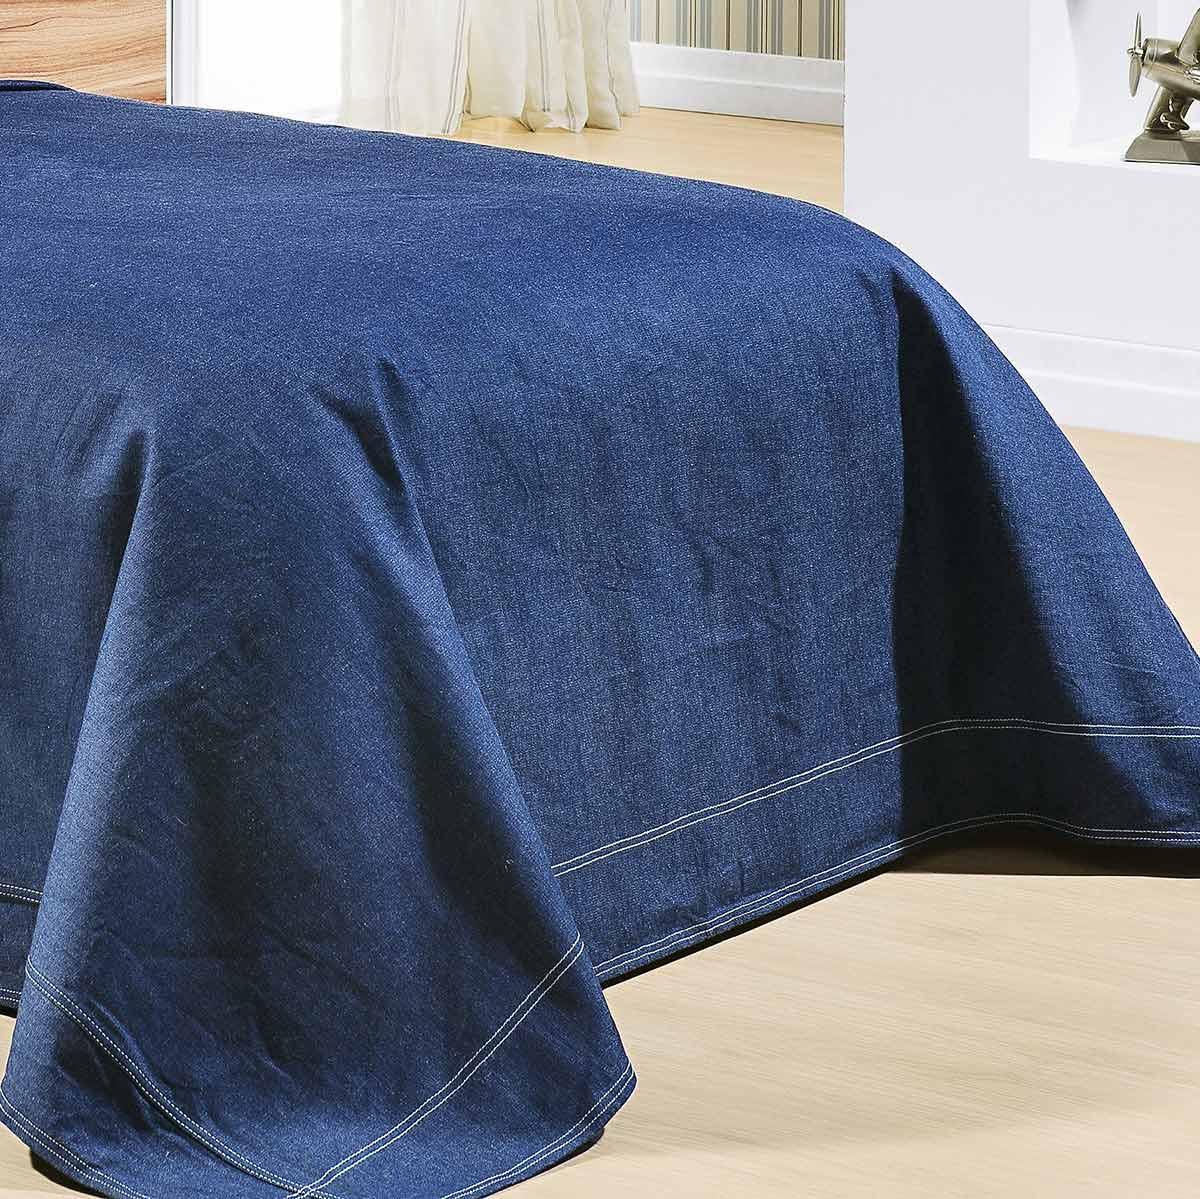 Kit Cobre Leito (Cobre Leito + Lençol + Porta Travesseiro) Solteiro Kit Indigo Jeans Liso com 8 peças